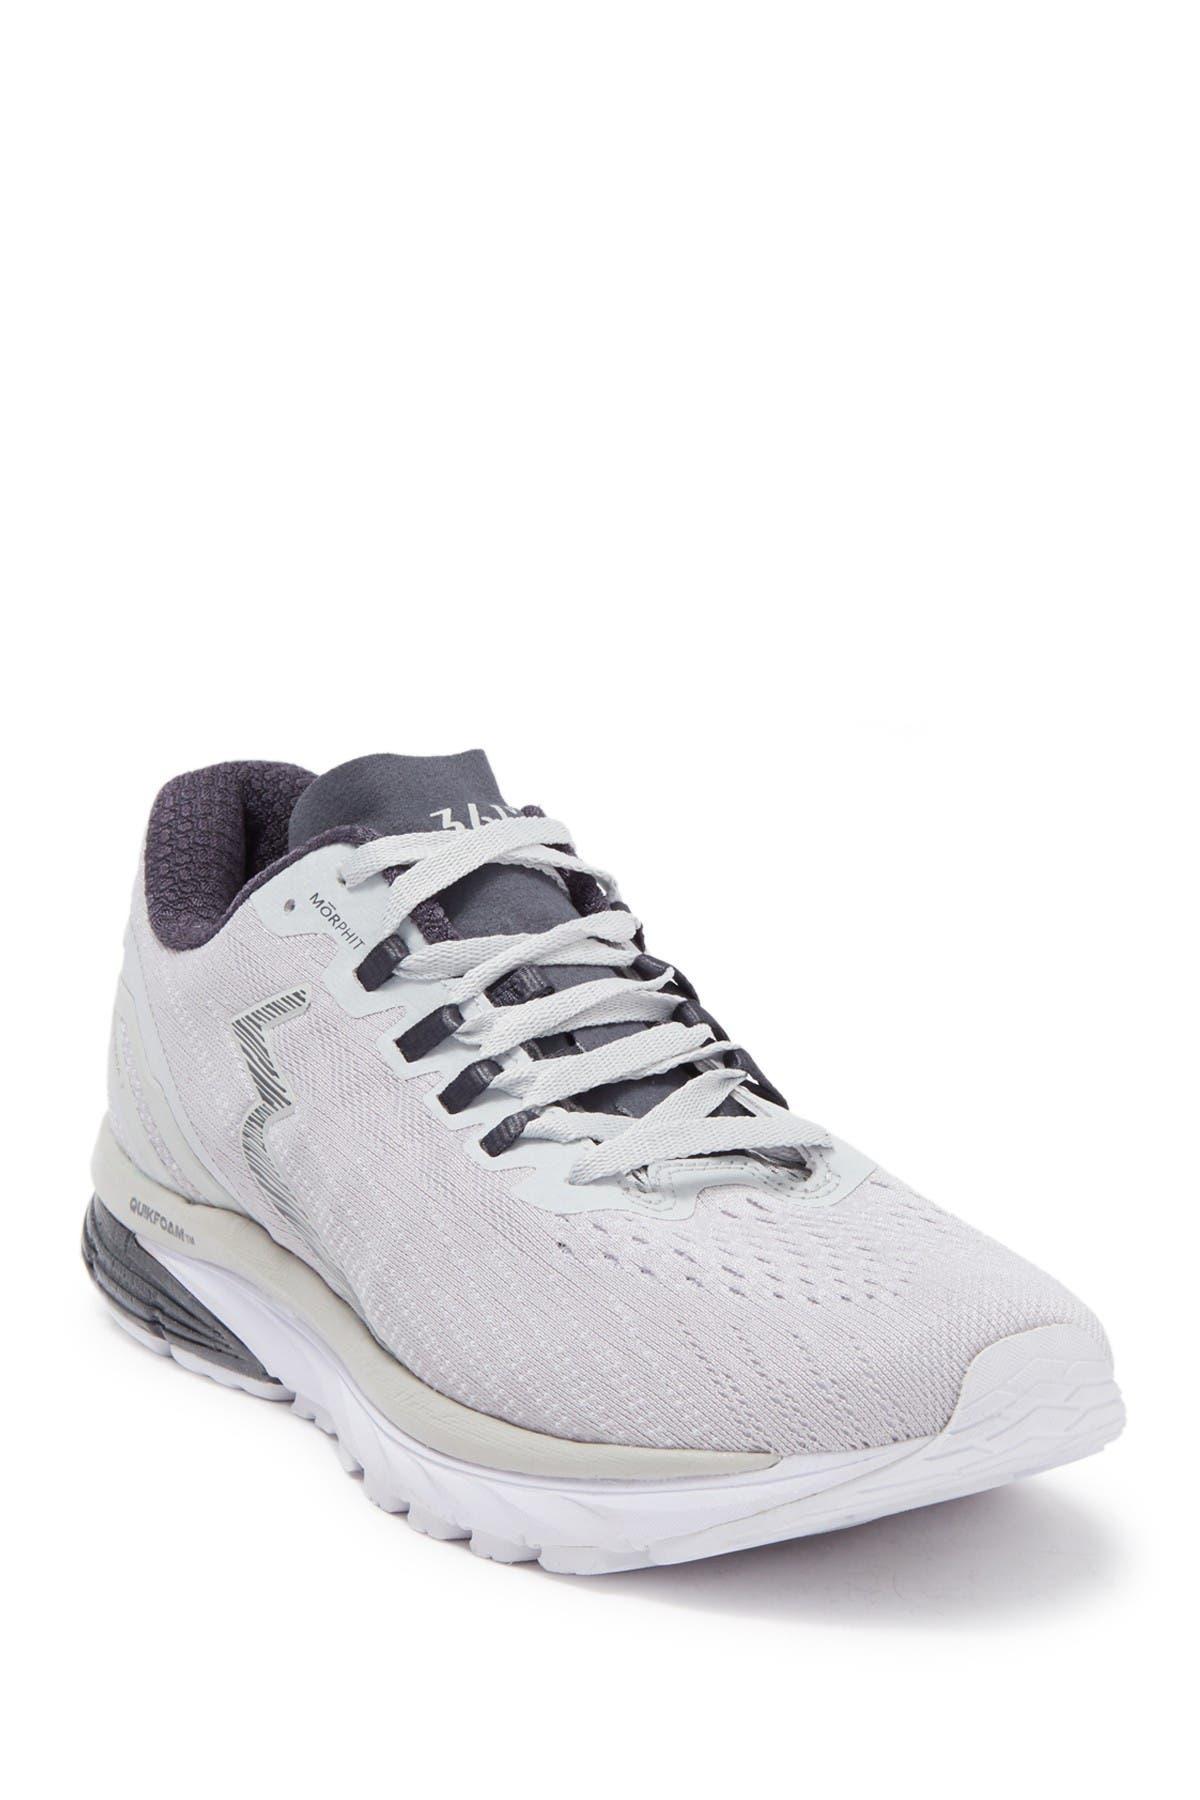 Image of 361 Degrees Strata 3 Running Sneaker